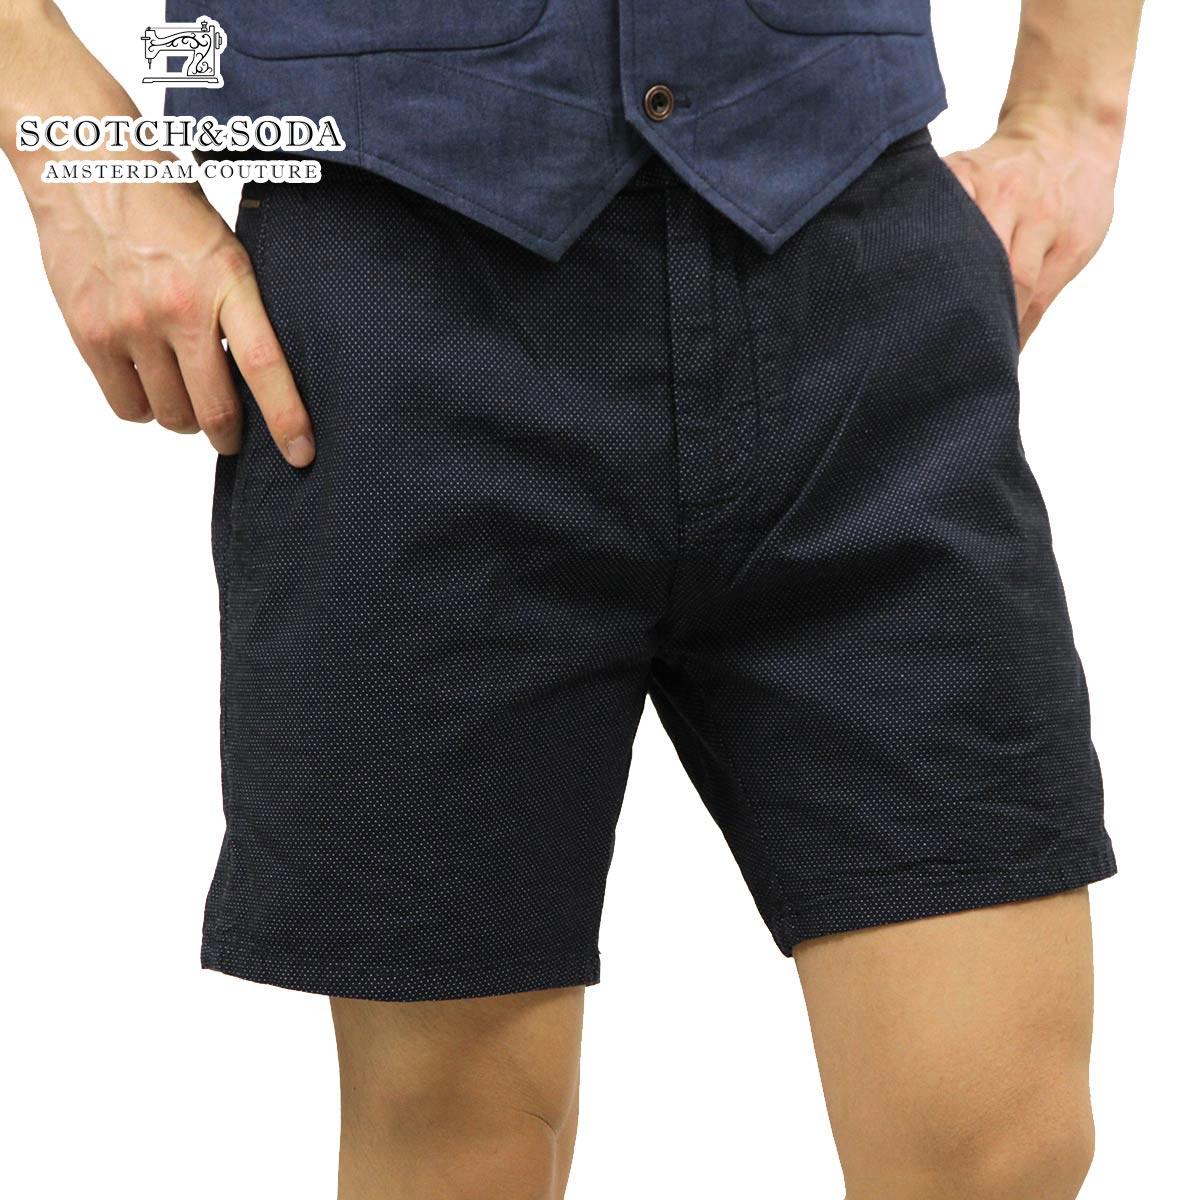 スコッチアンドソーダ SCOTCH&SODA 正規販売店 メンズ ショートパンツ Blue yarn dye dress chino short 81141 B D15S25